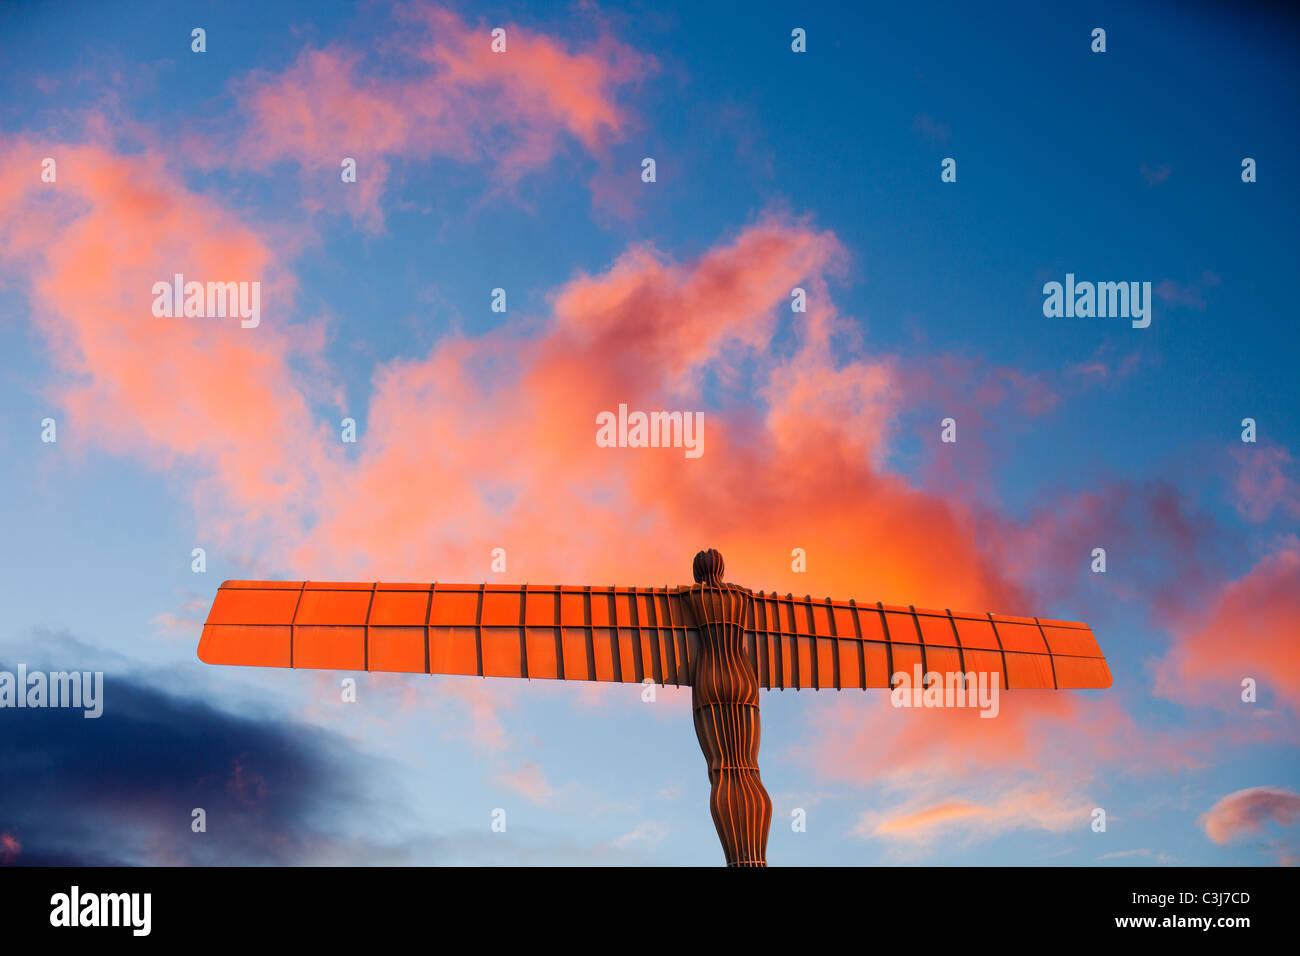 Der Engel des Nordens bei Sonnenuntergang, Gateshead, UK. Stockbild